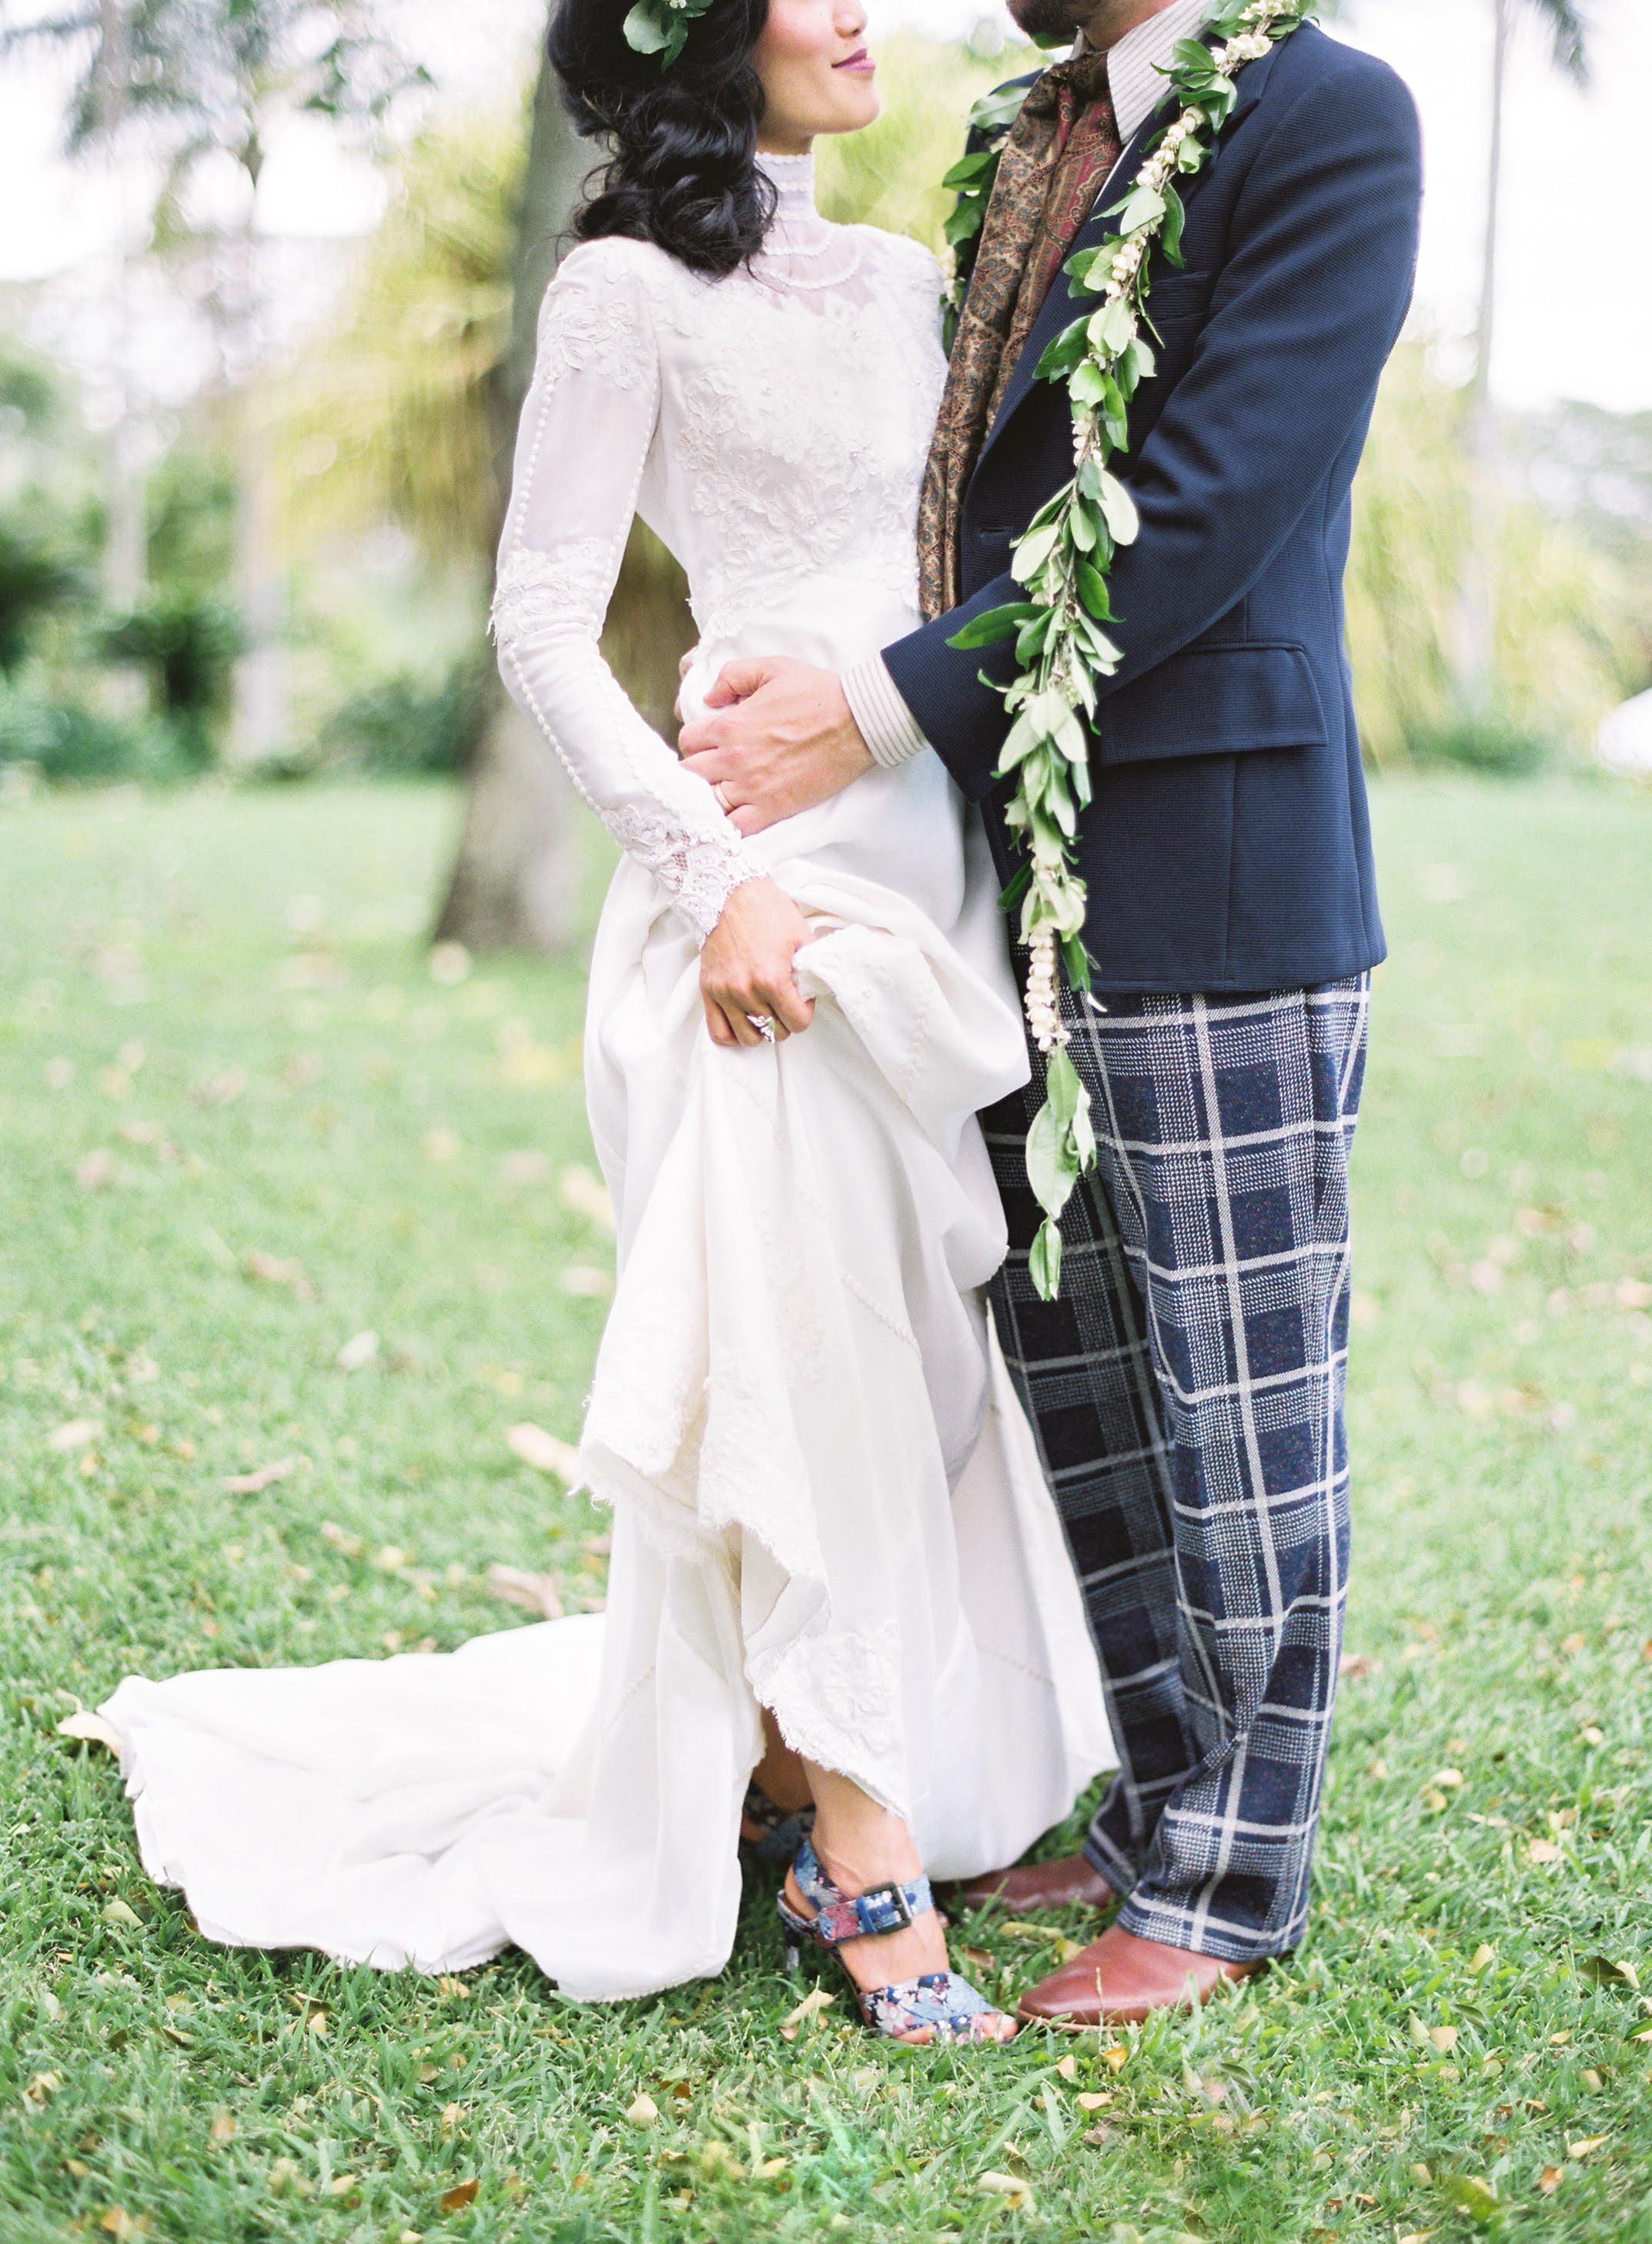 Groom embraces bride, hand around her waist